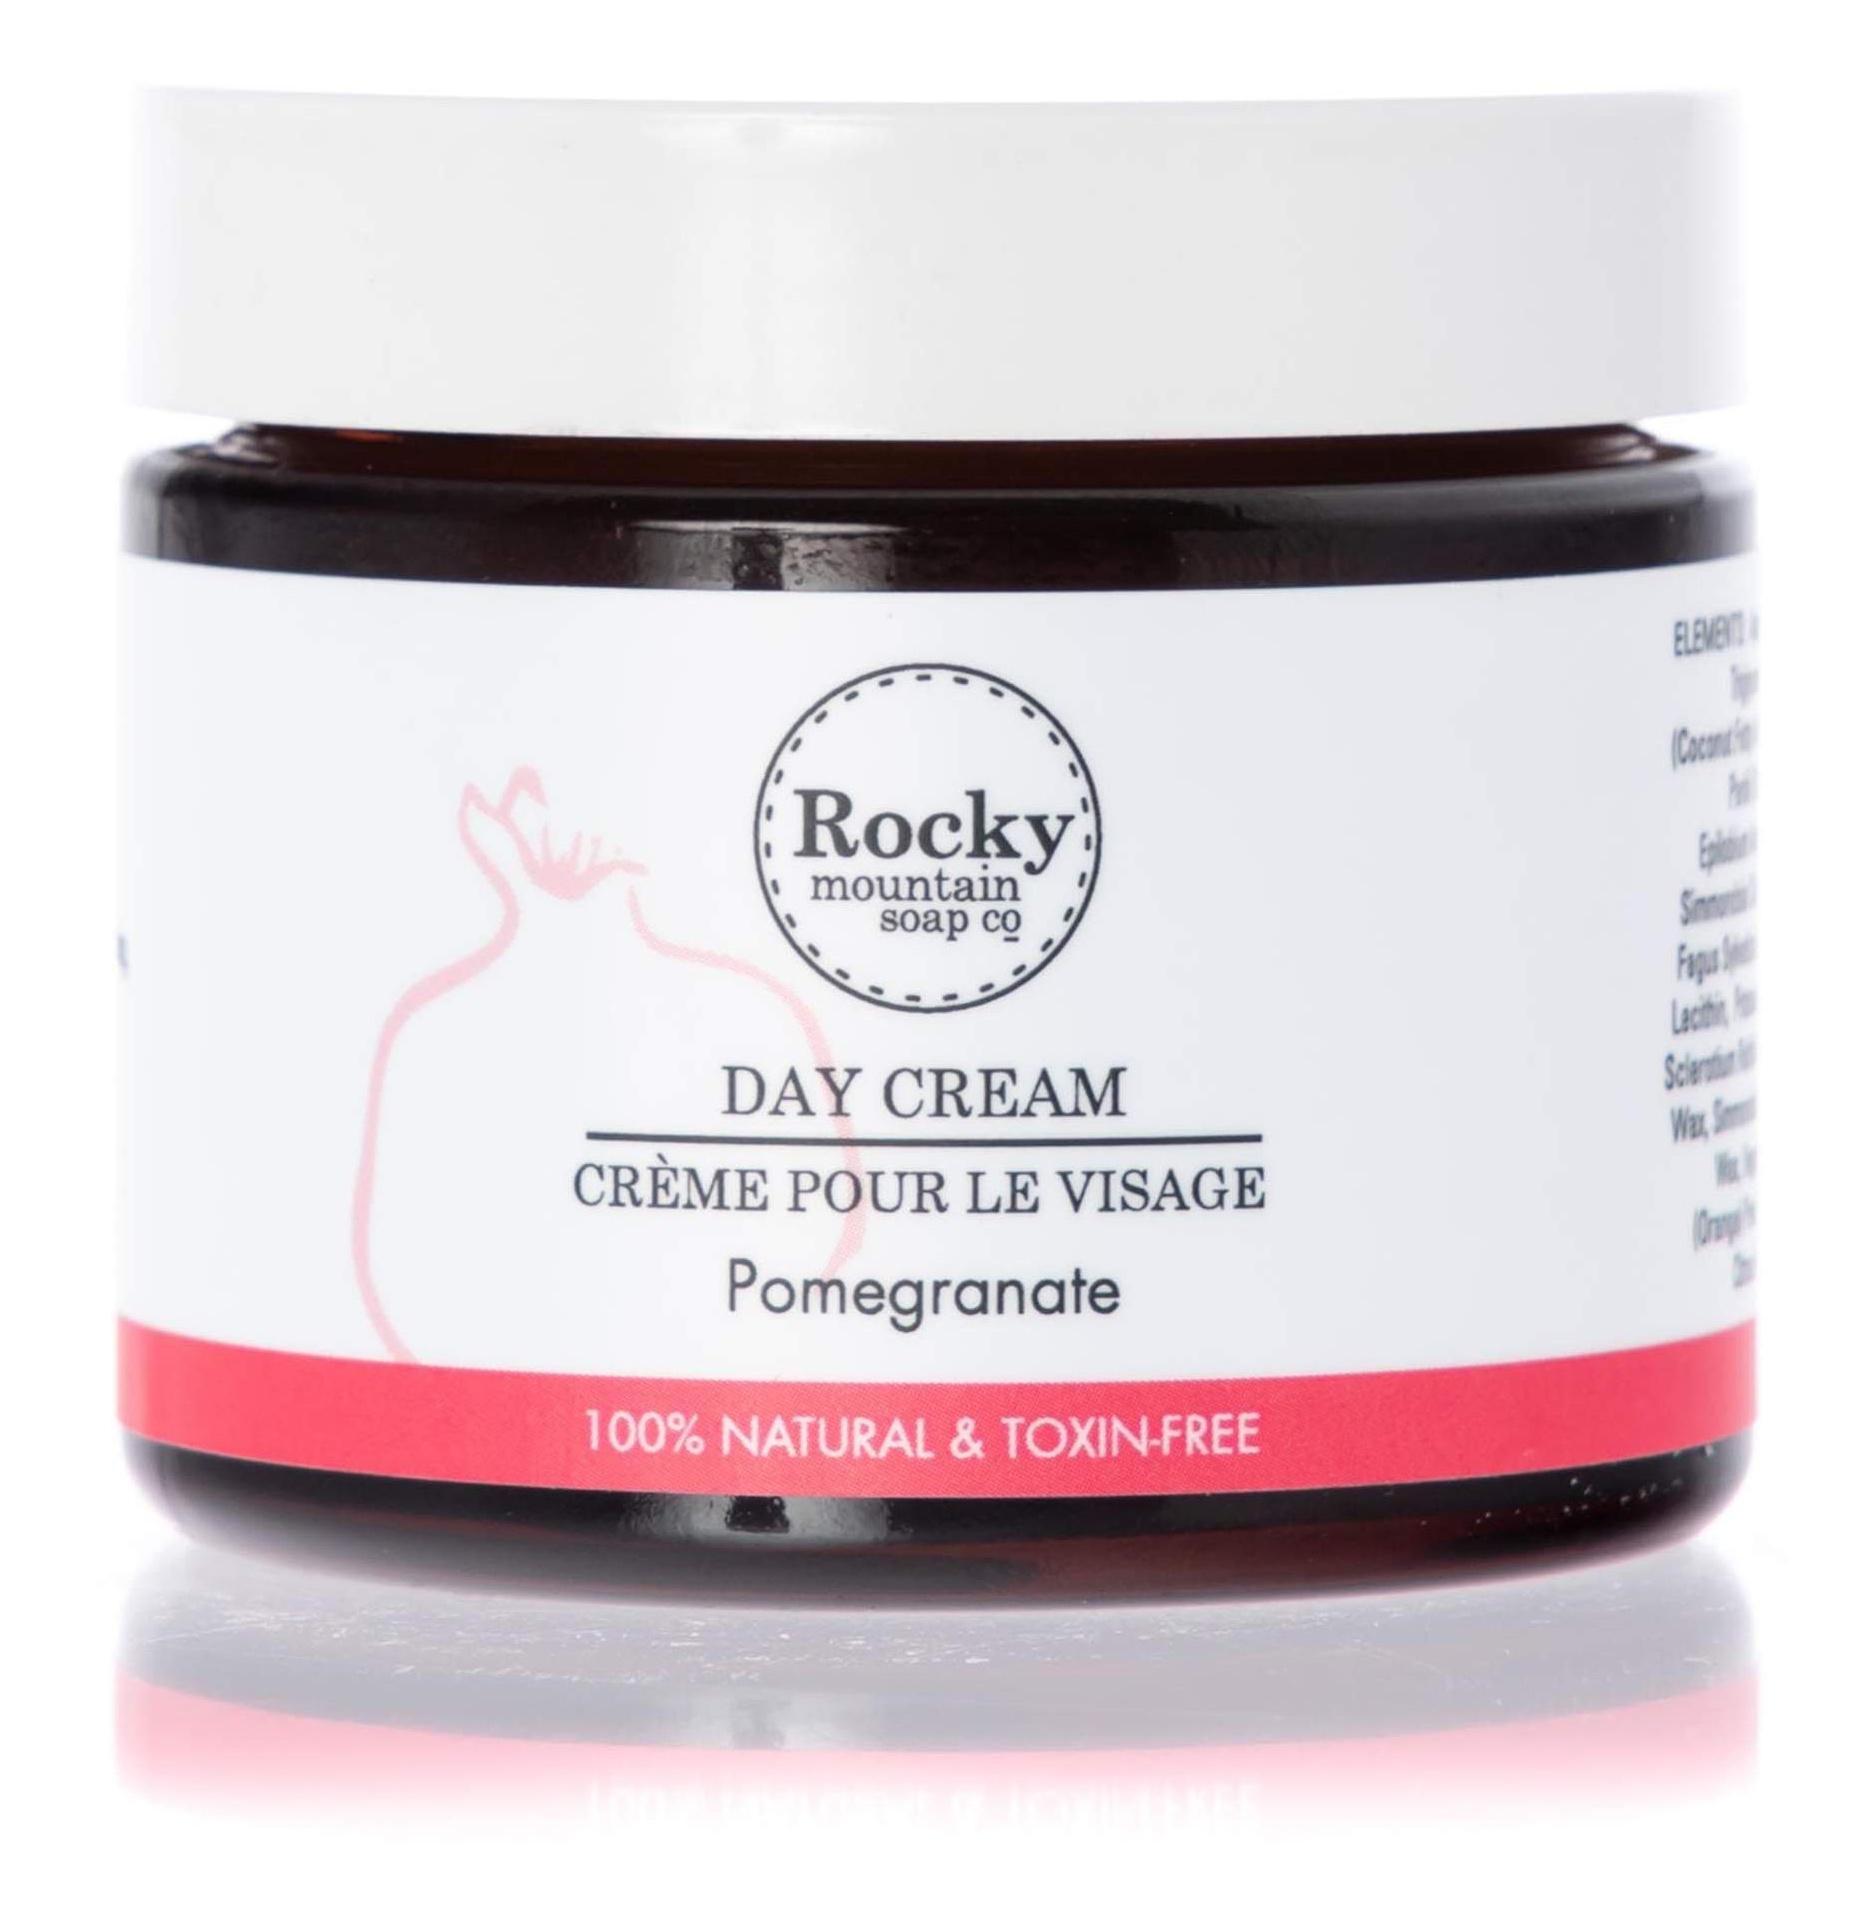 Rocky Mountain Soap Co. Pomegranate Day Cream